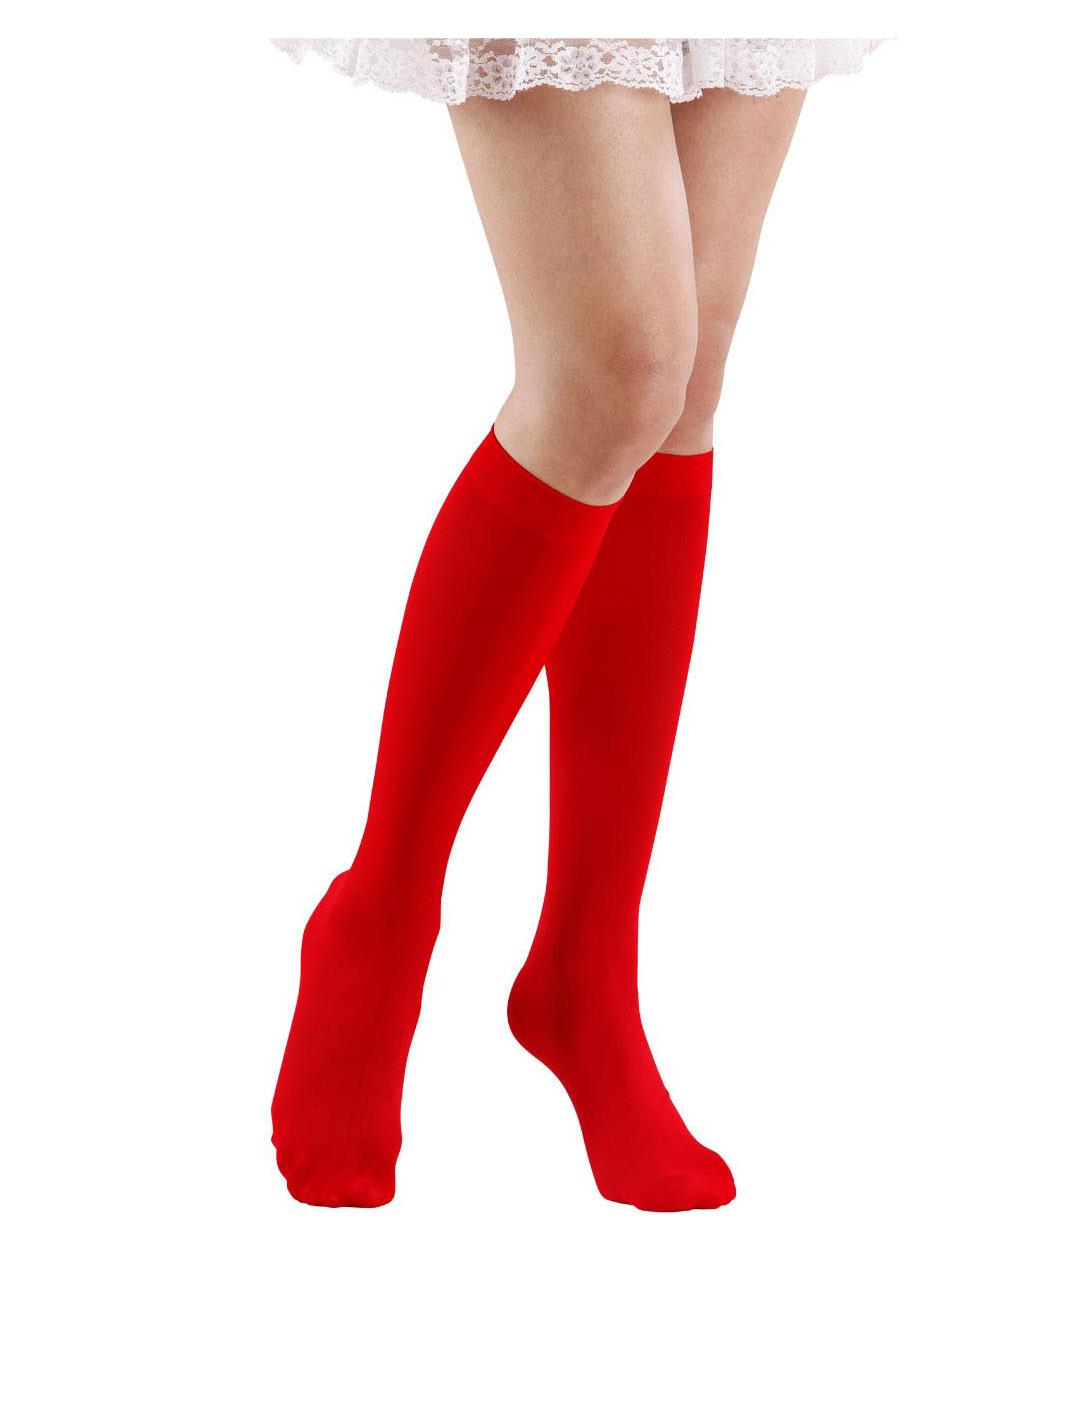 Rode lange sokken voor volwassenen